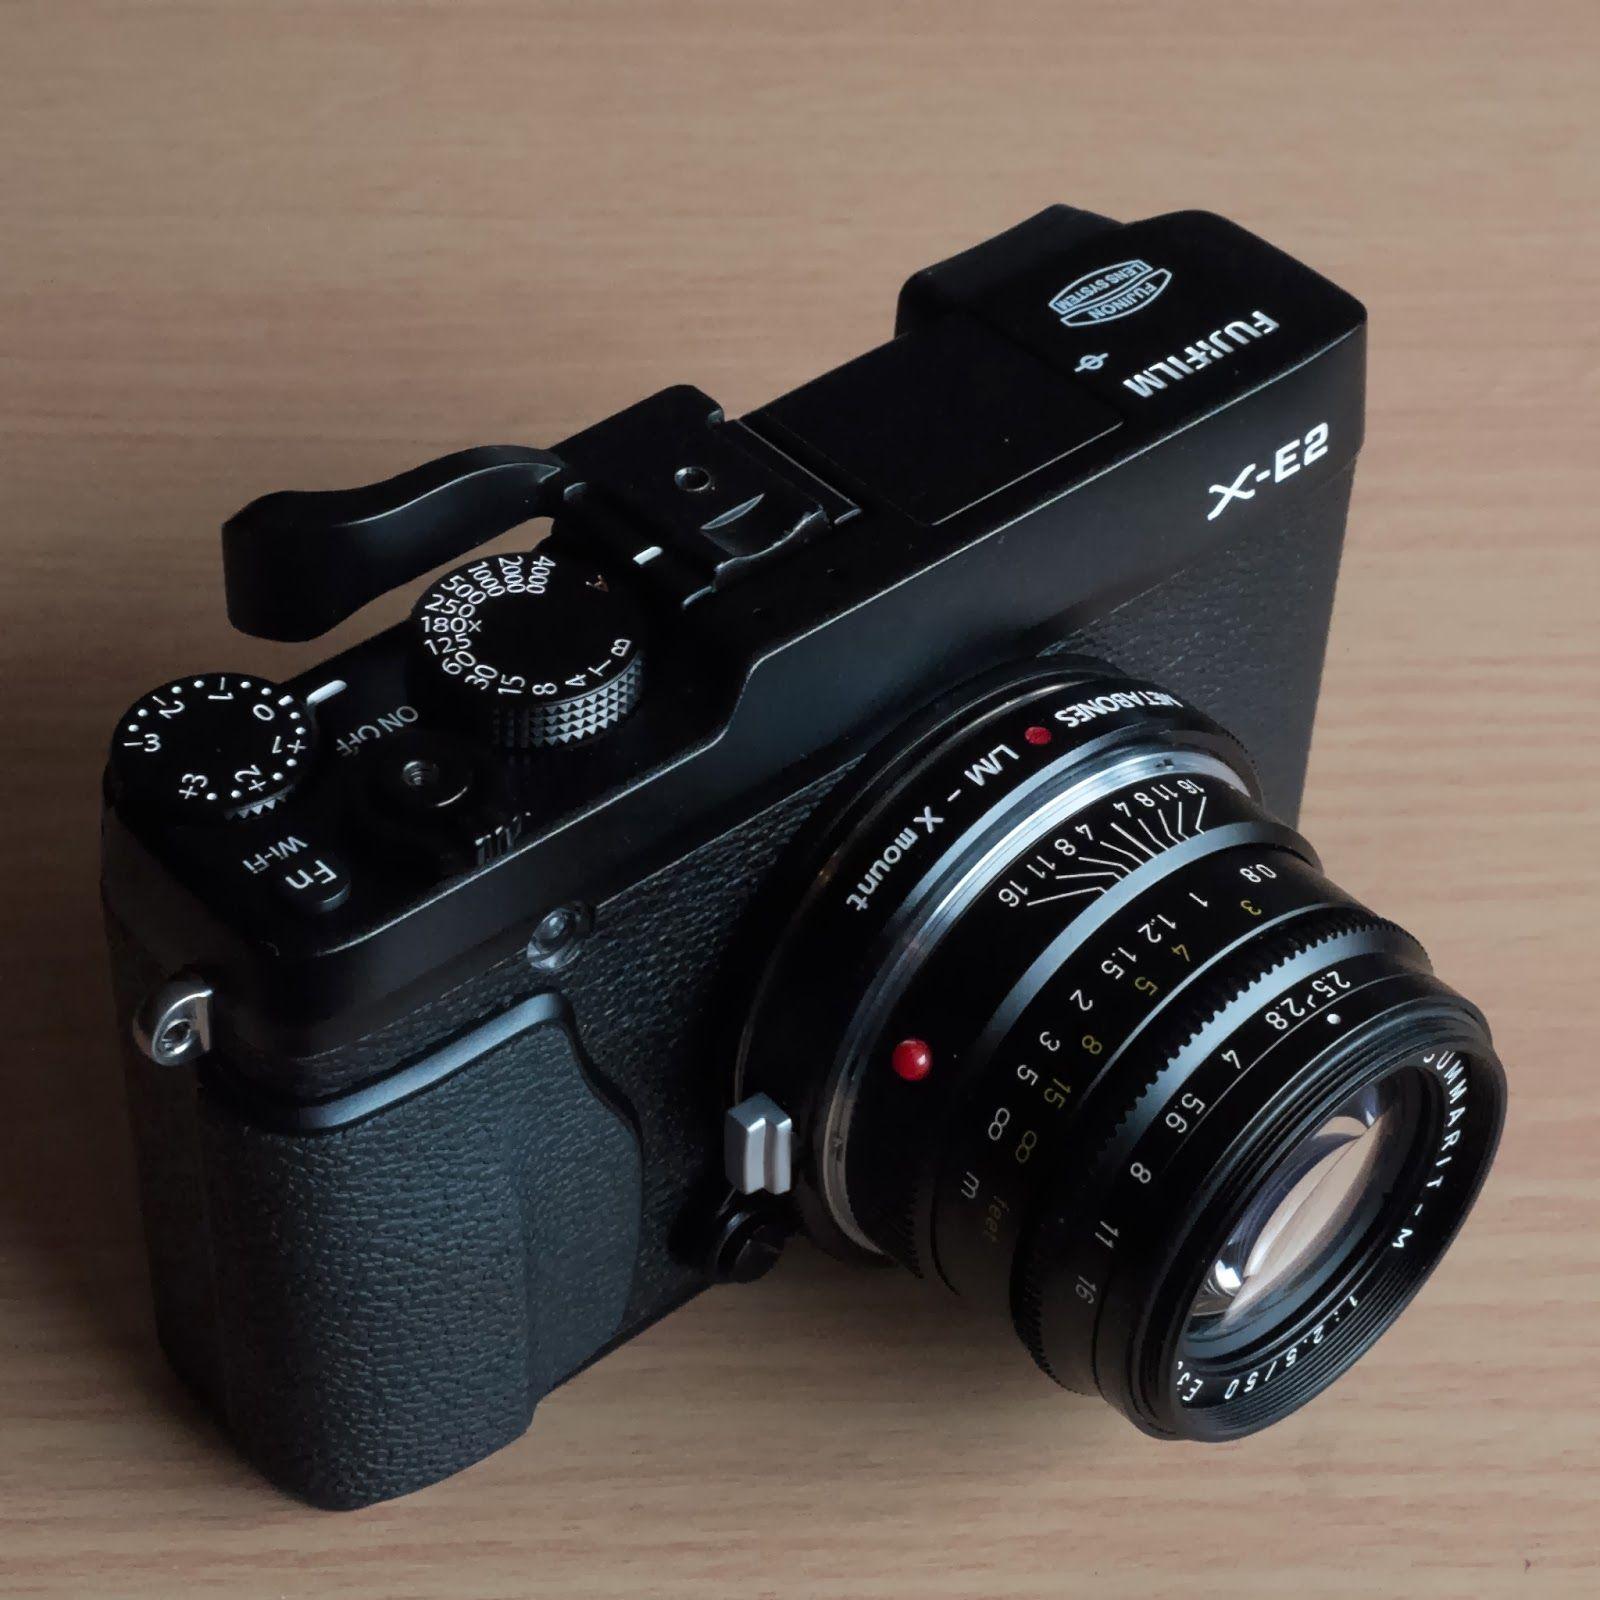 Fujifilm X-E2 w m-mount & Leica 50mm     | Monochrome | Fuji camera